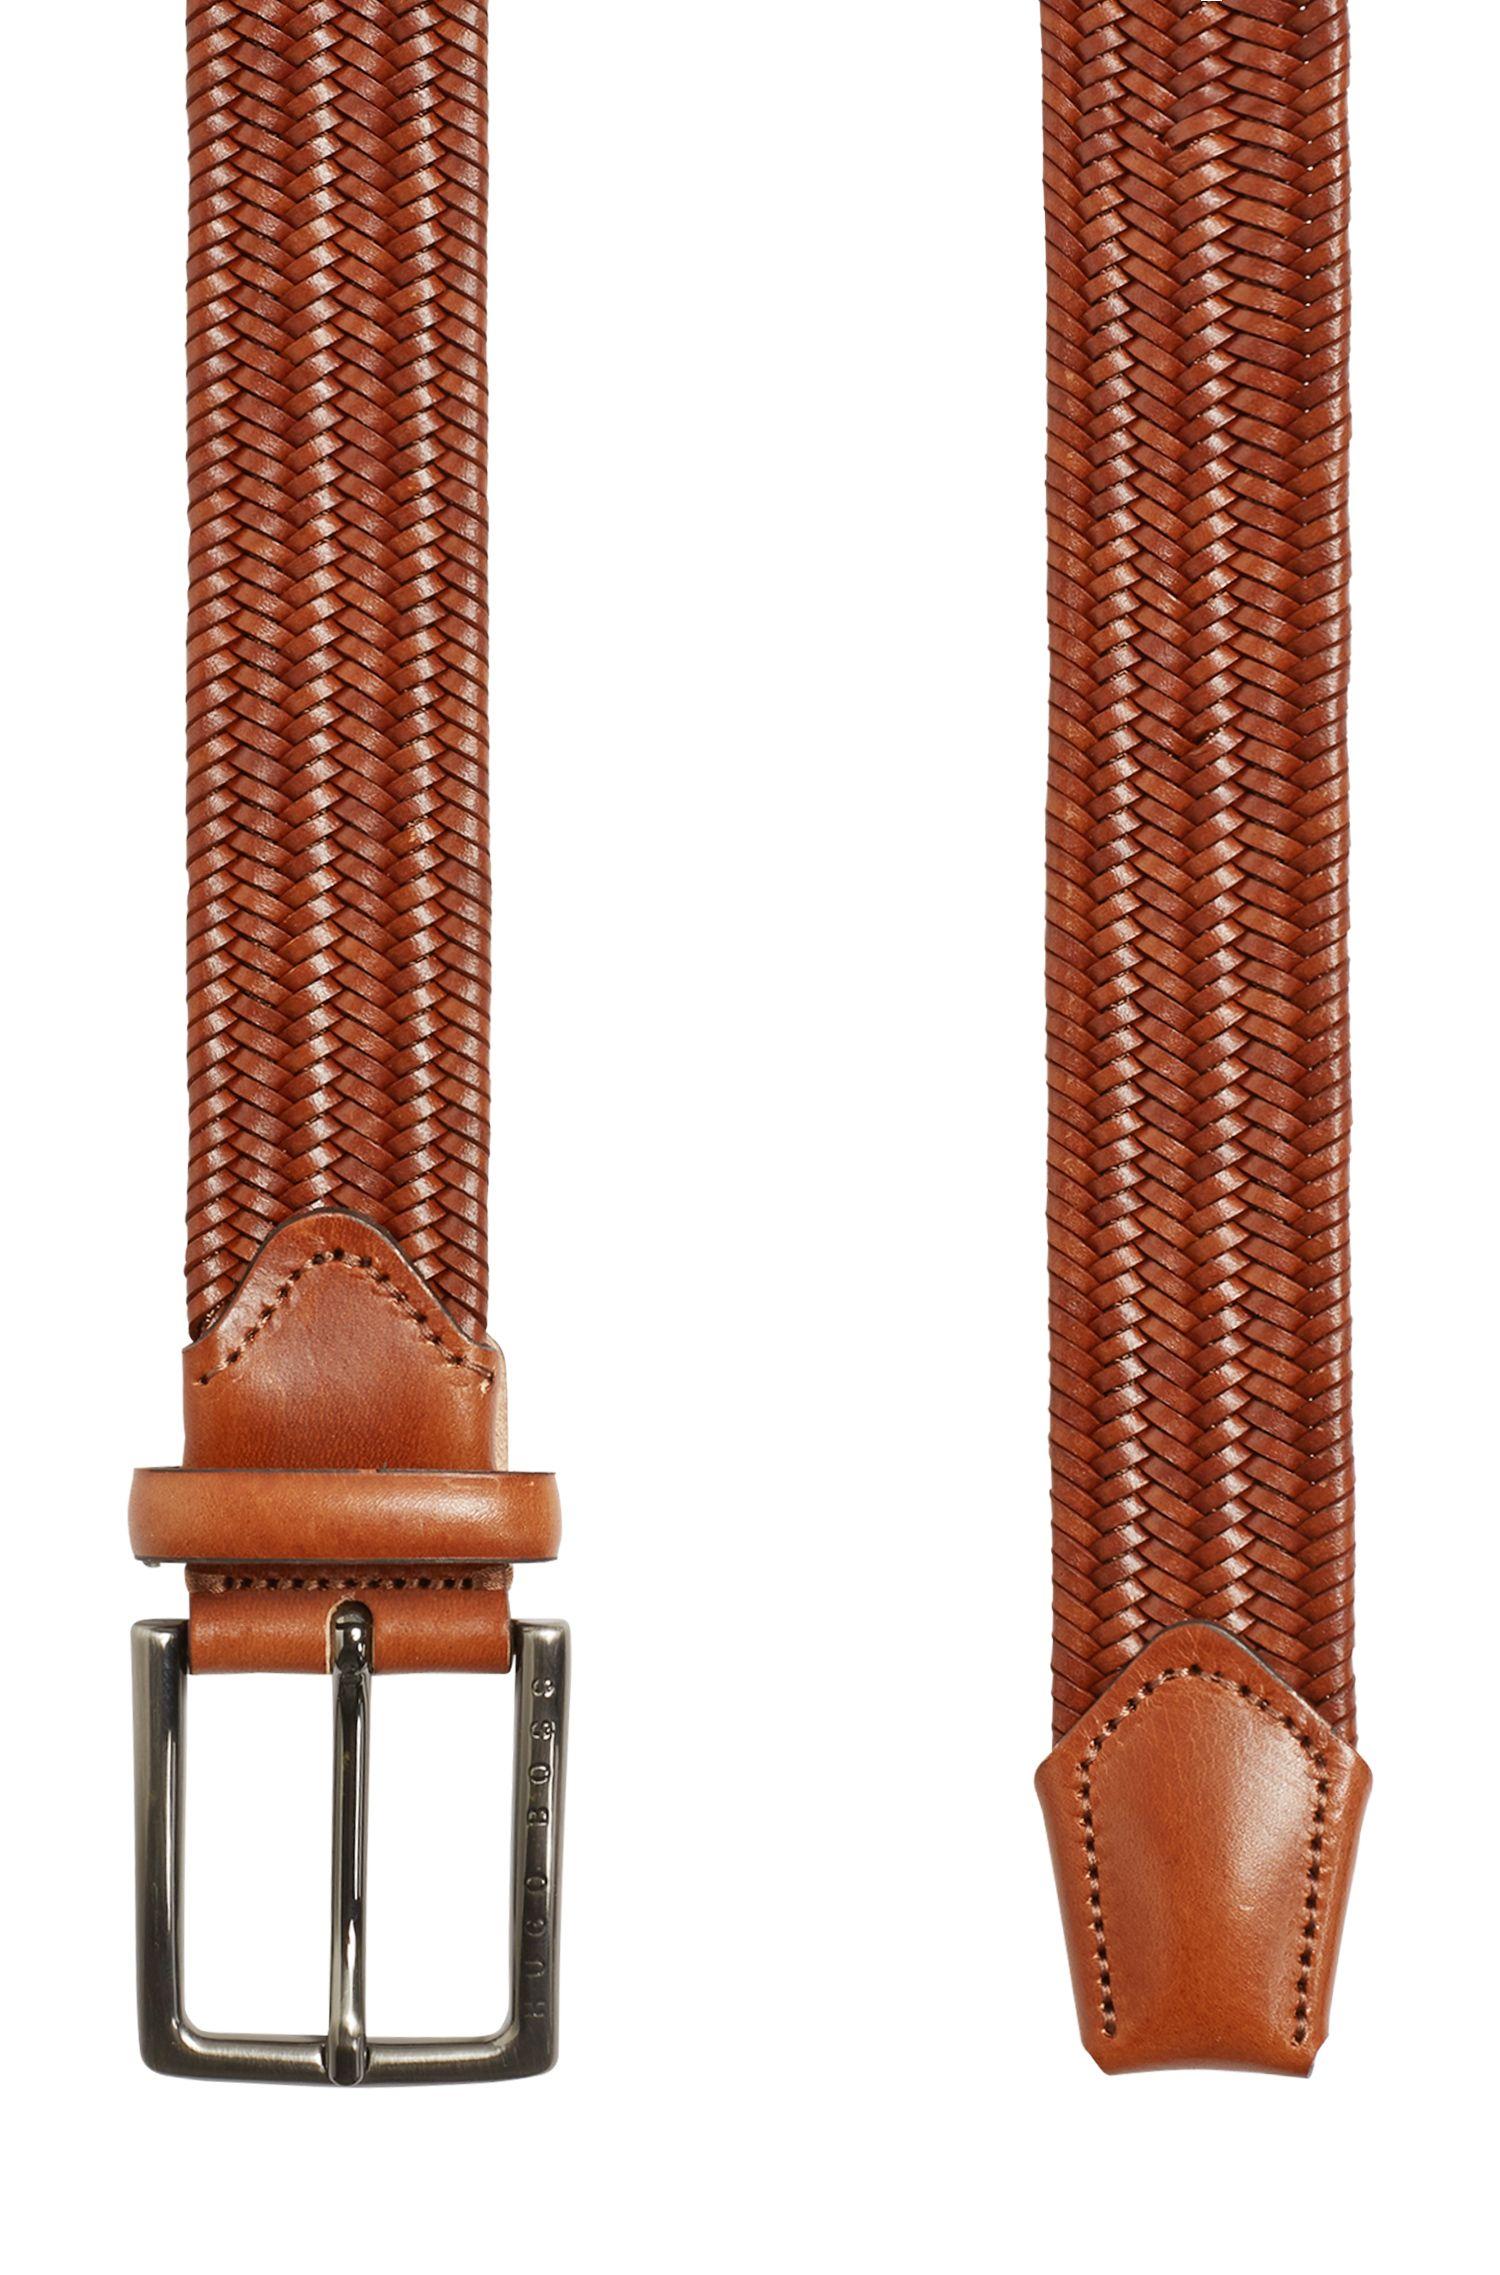 Leather Handcrafted Braided Belt | Semyo Sz35 Mxwn